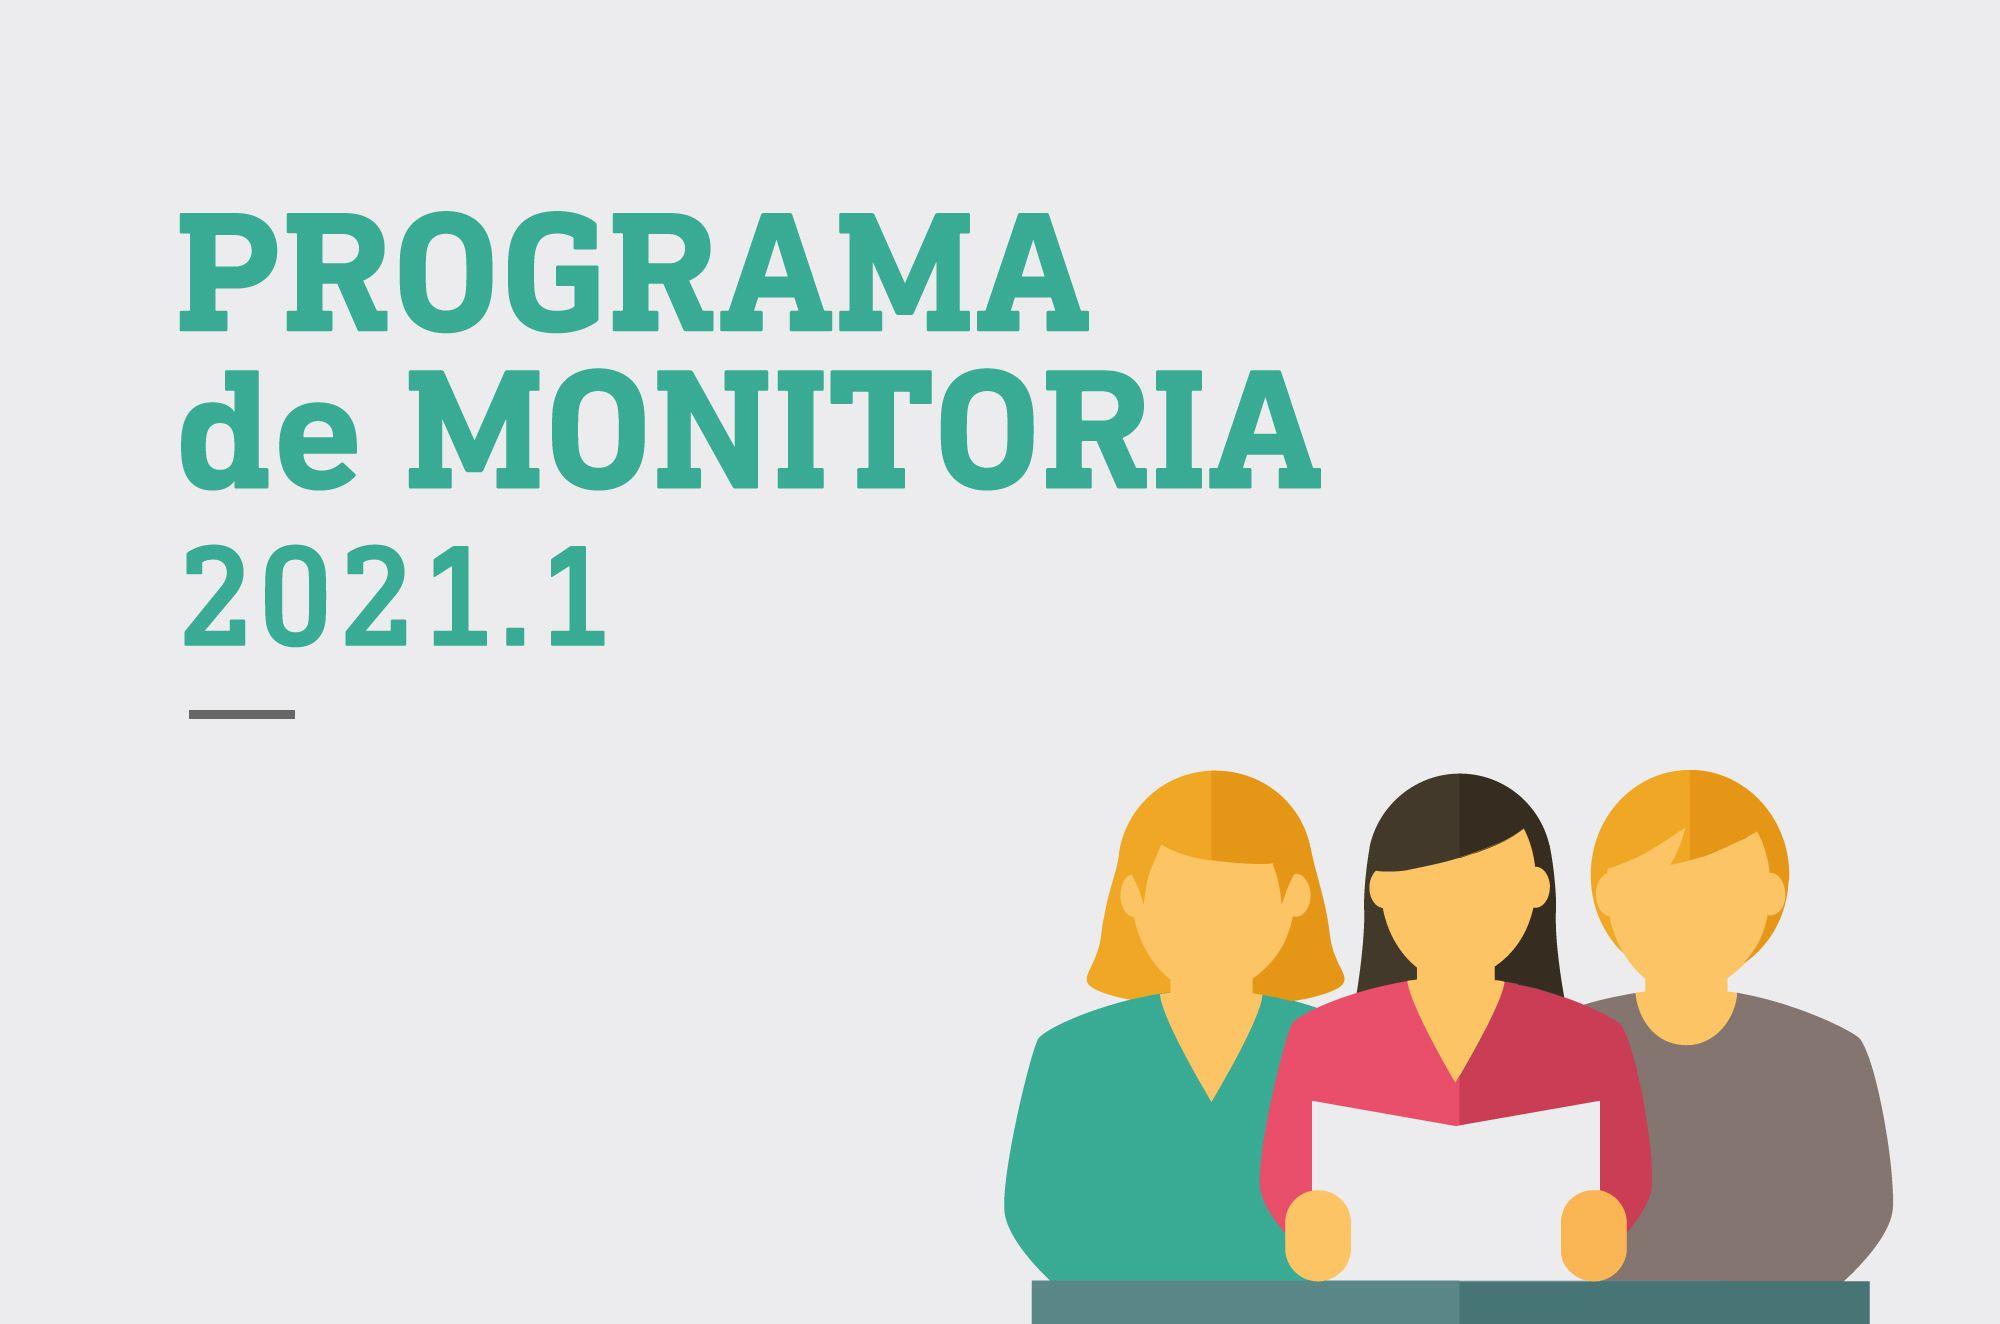 PROGRAMA DE MONITORIA 2021.1 - resultado final